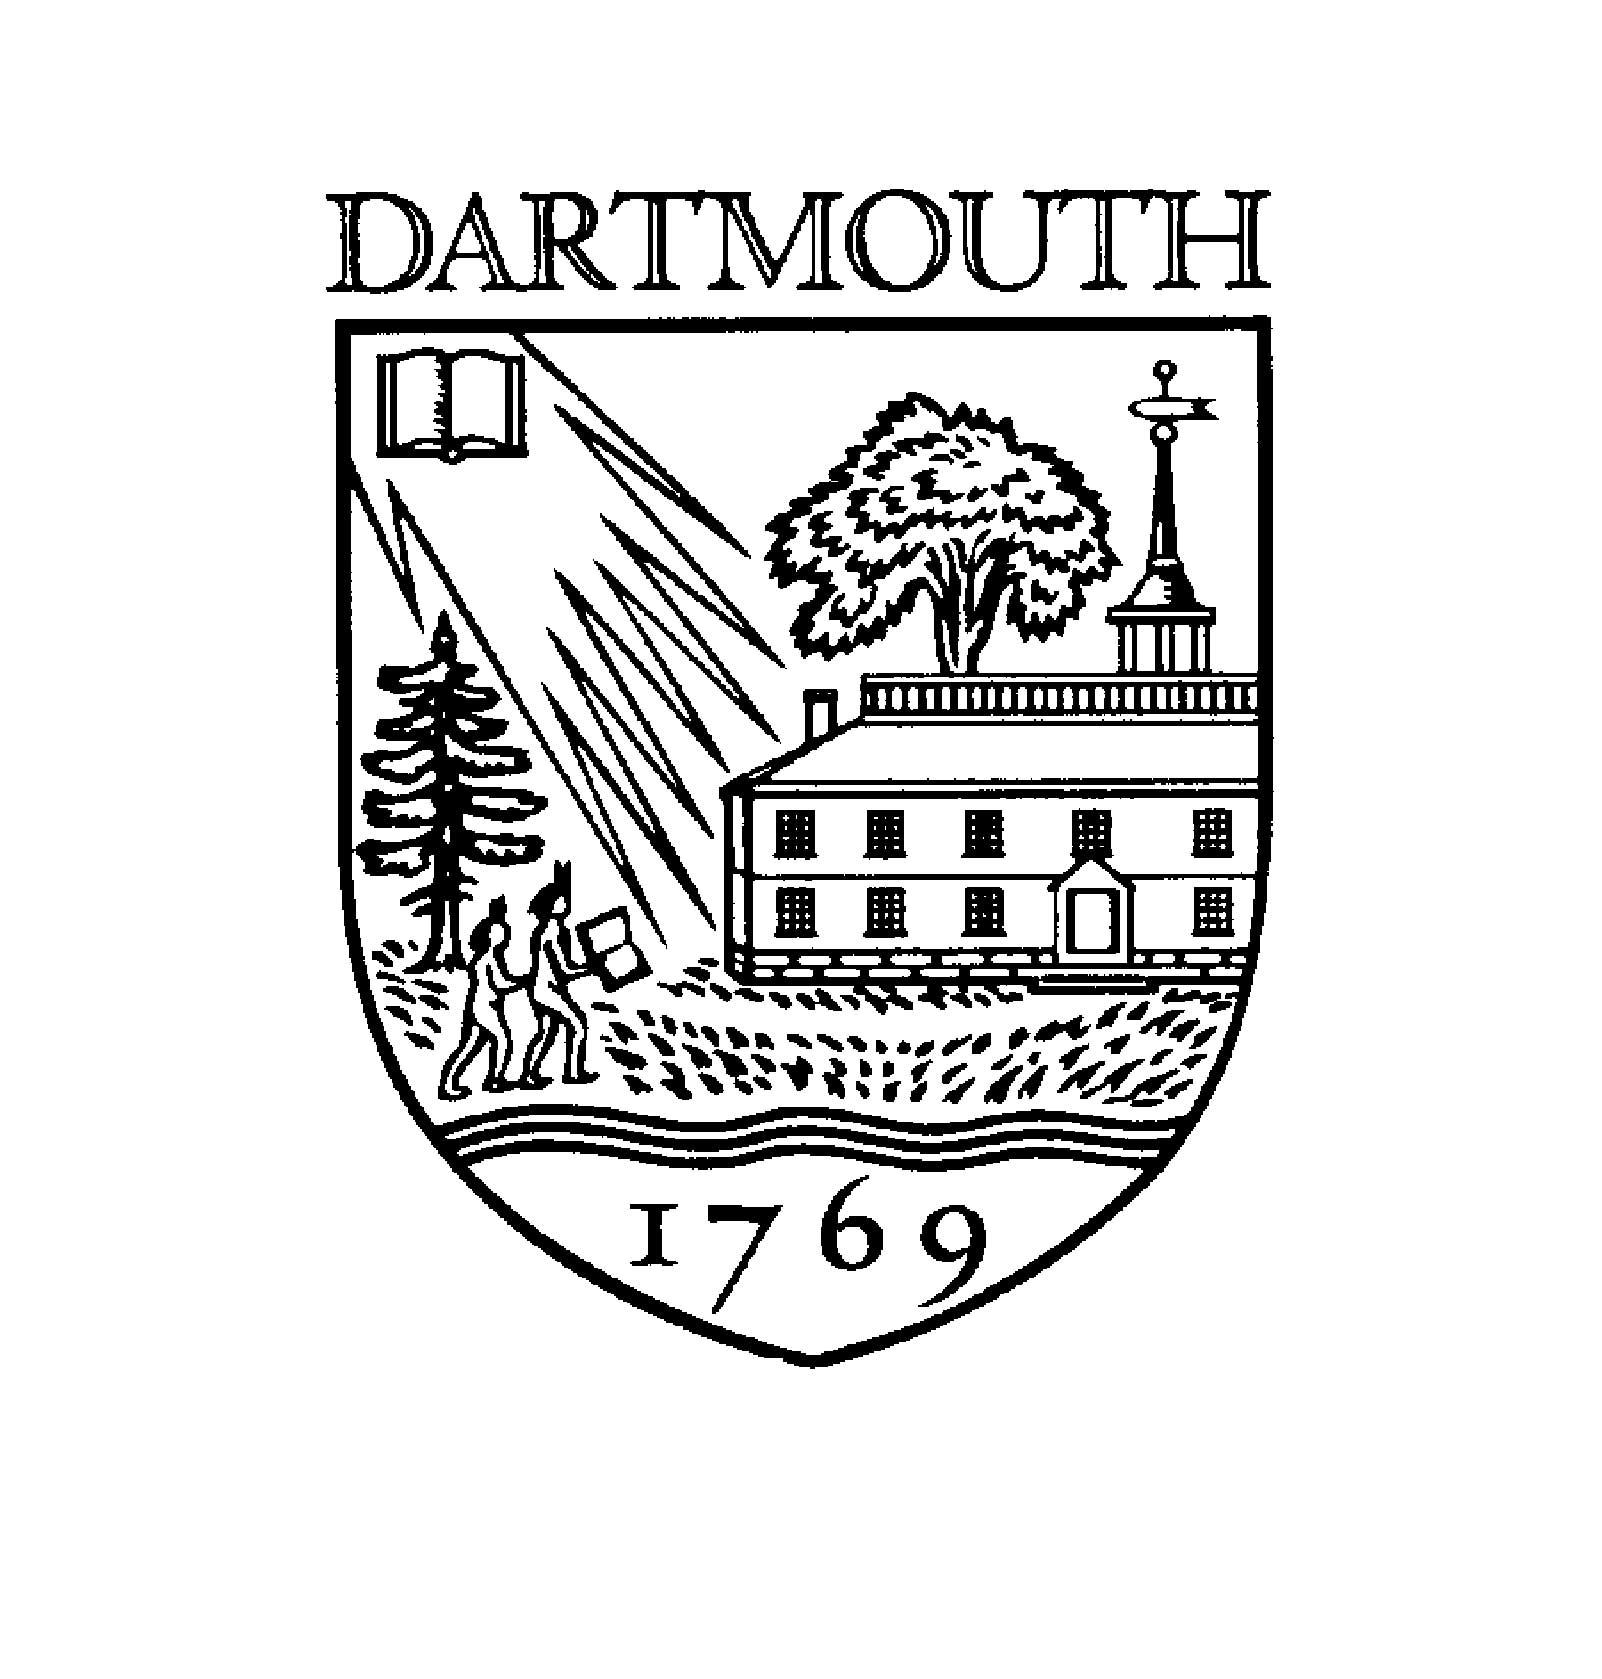 The Tuck-Dartmouth Initiative